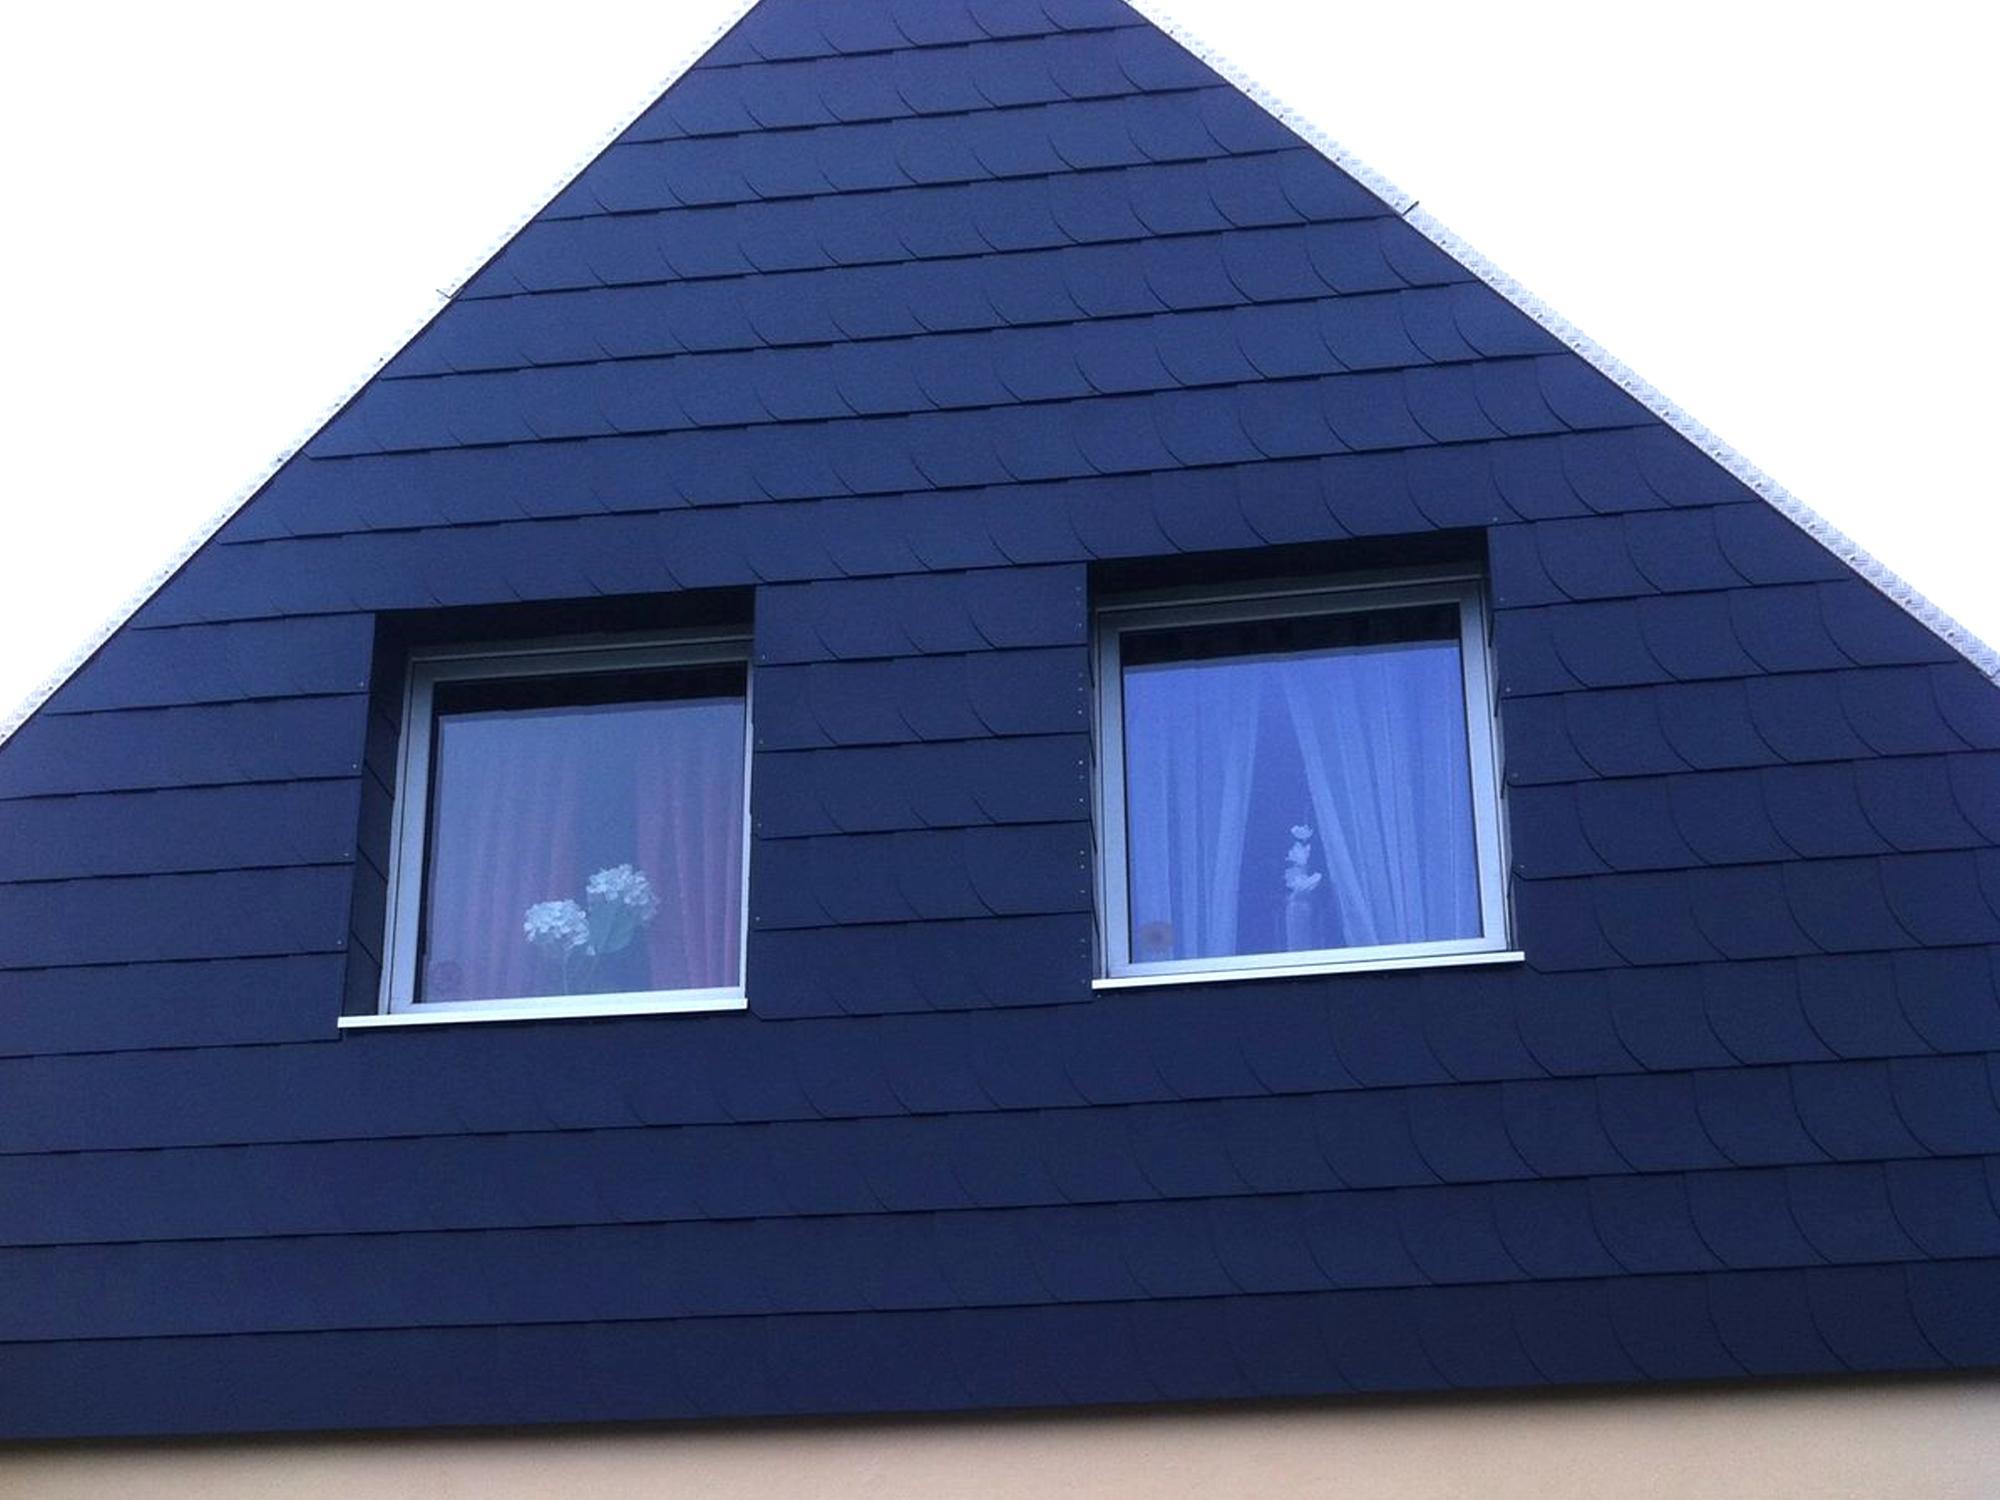 giebelwand eines hauses mit schwarzen schindeln gedeckt. Black Bedroom Furniture Sets. Home Design Ideas